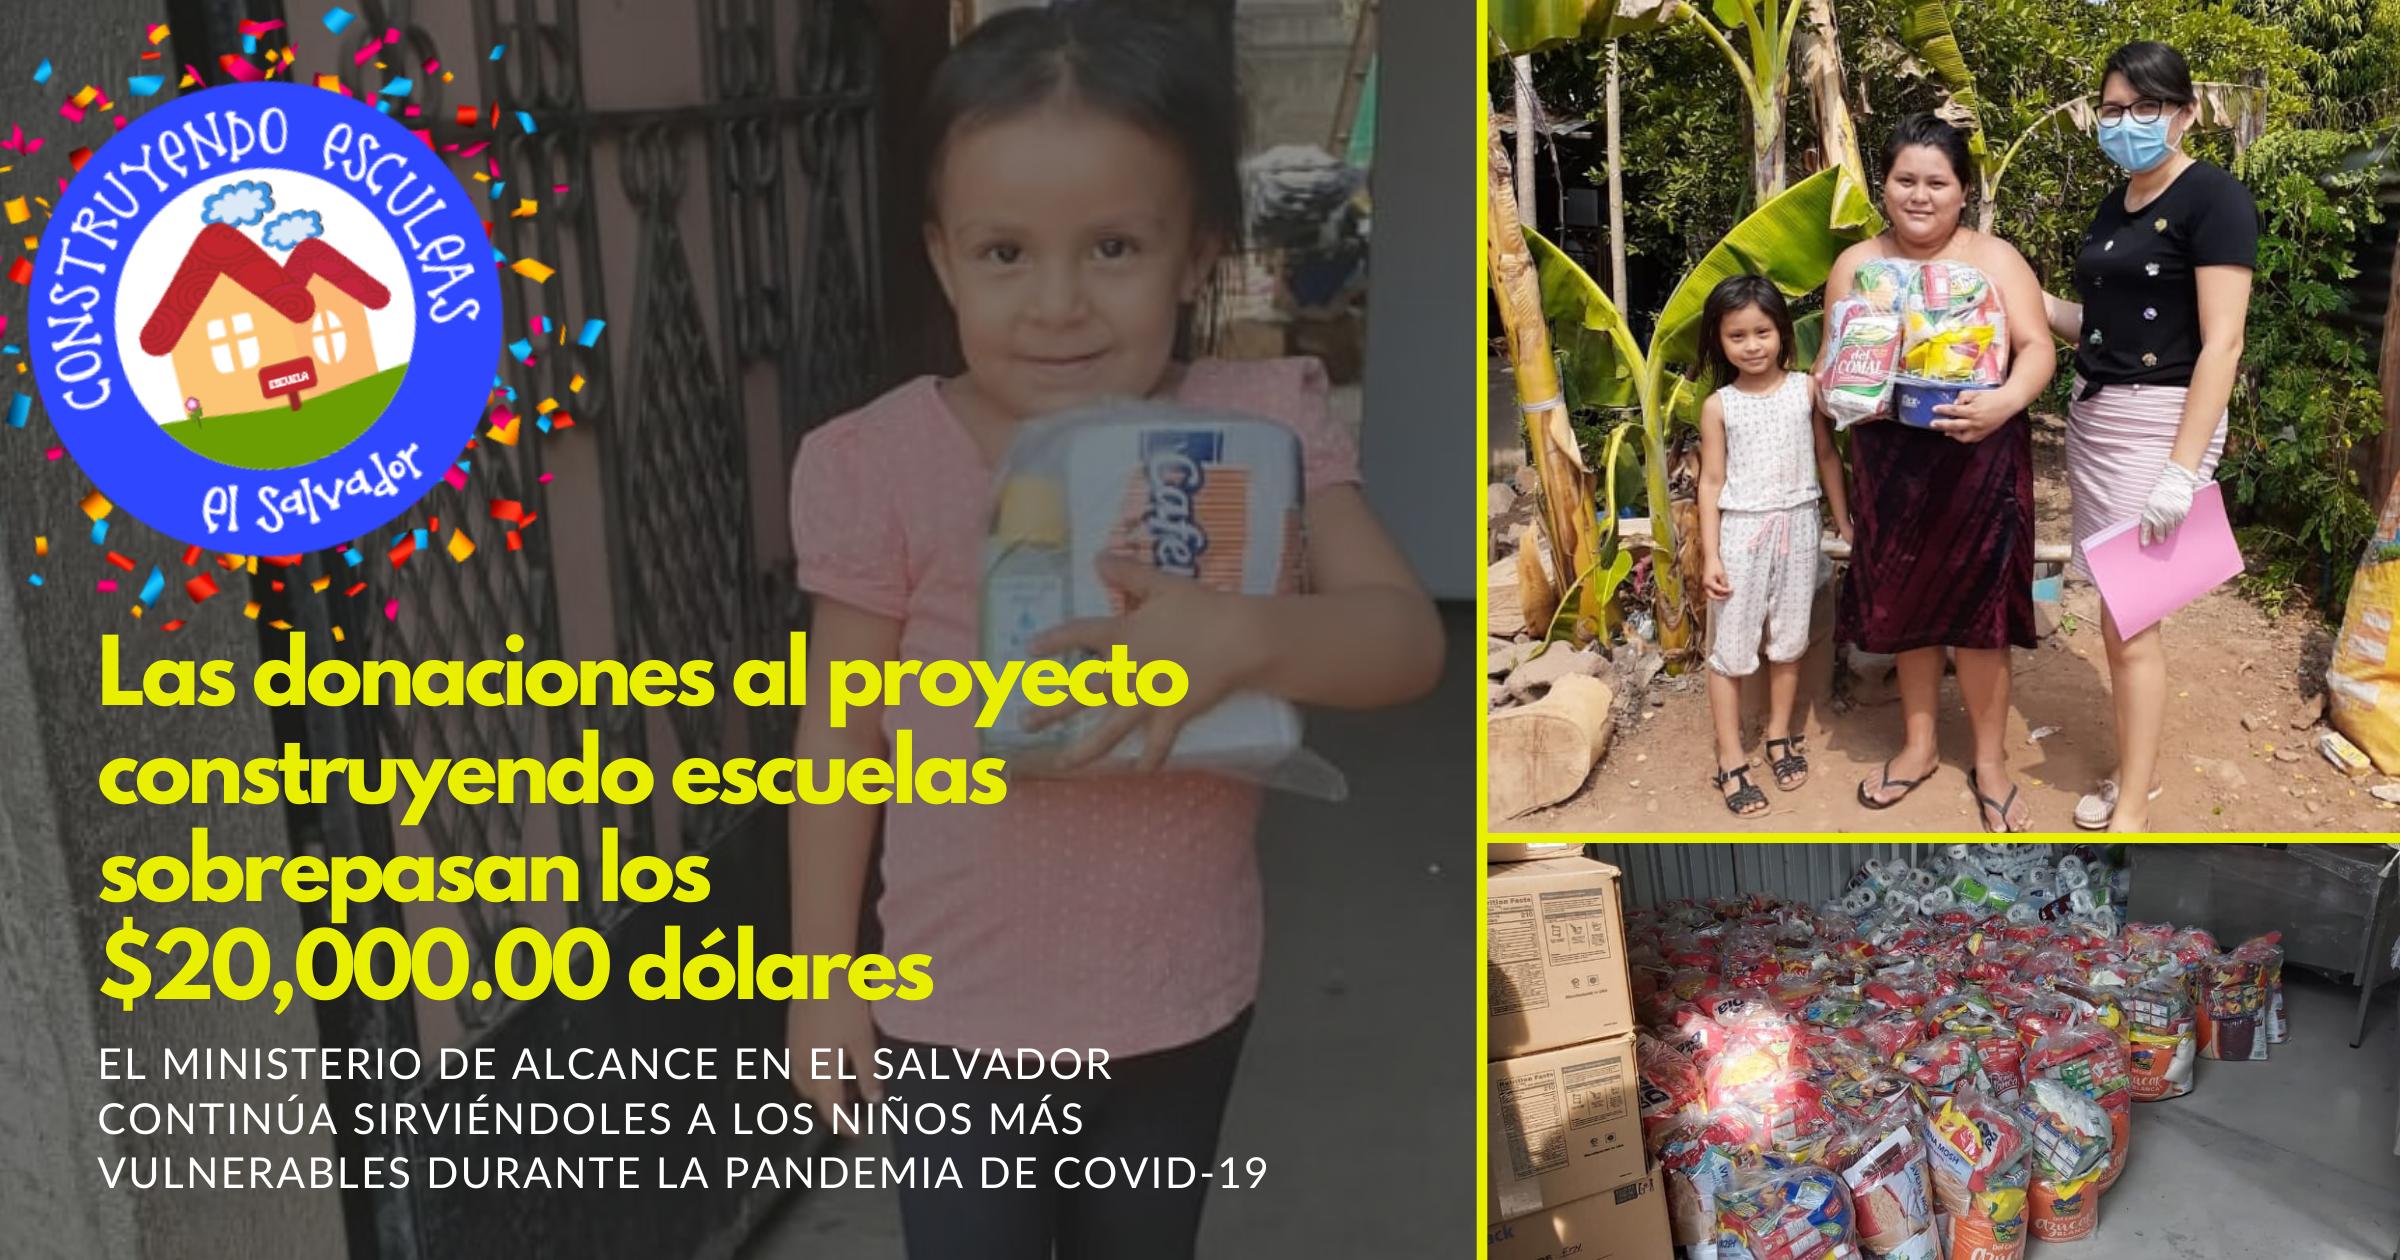 Las donaciones al Proyecto construyendo escuelas sobrepasan los $20,000.00 dólares